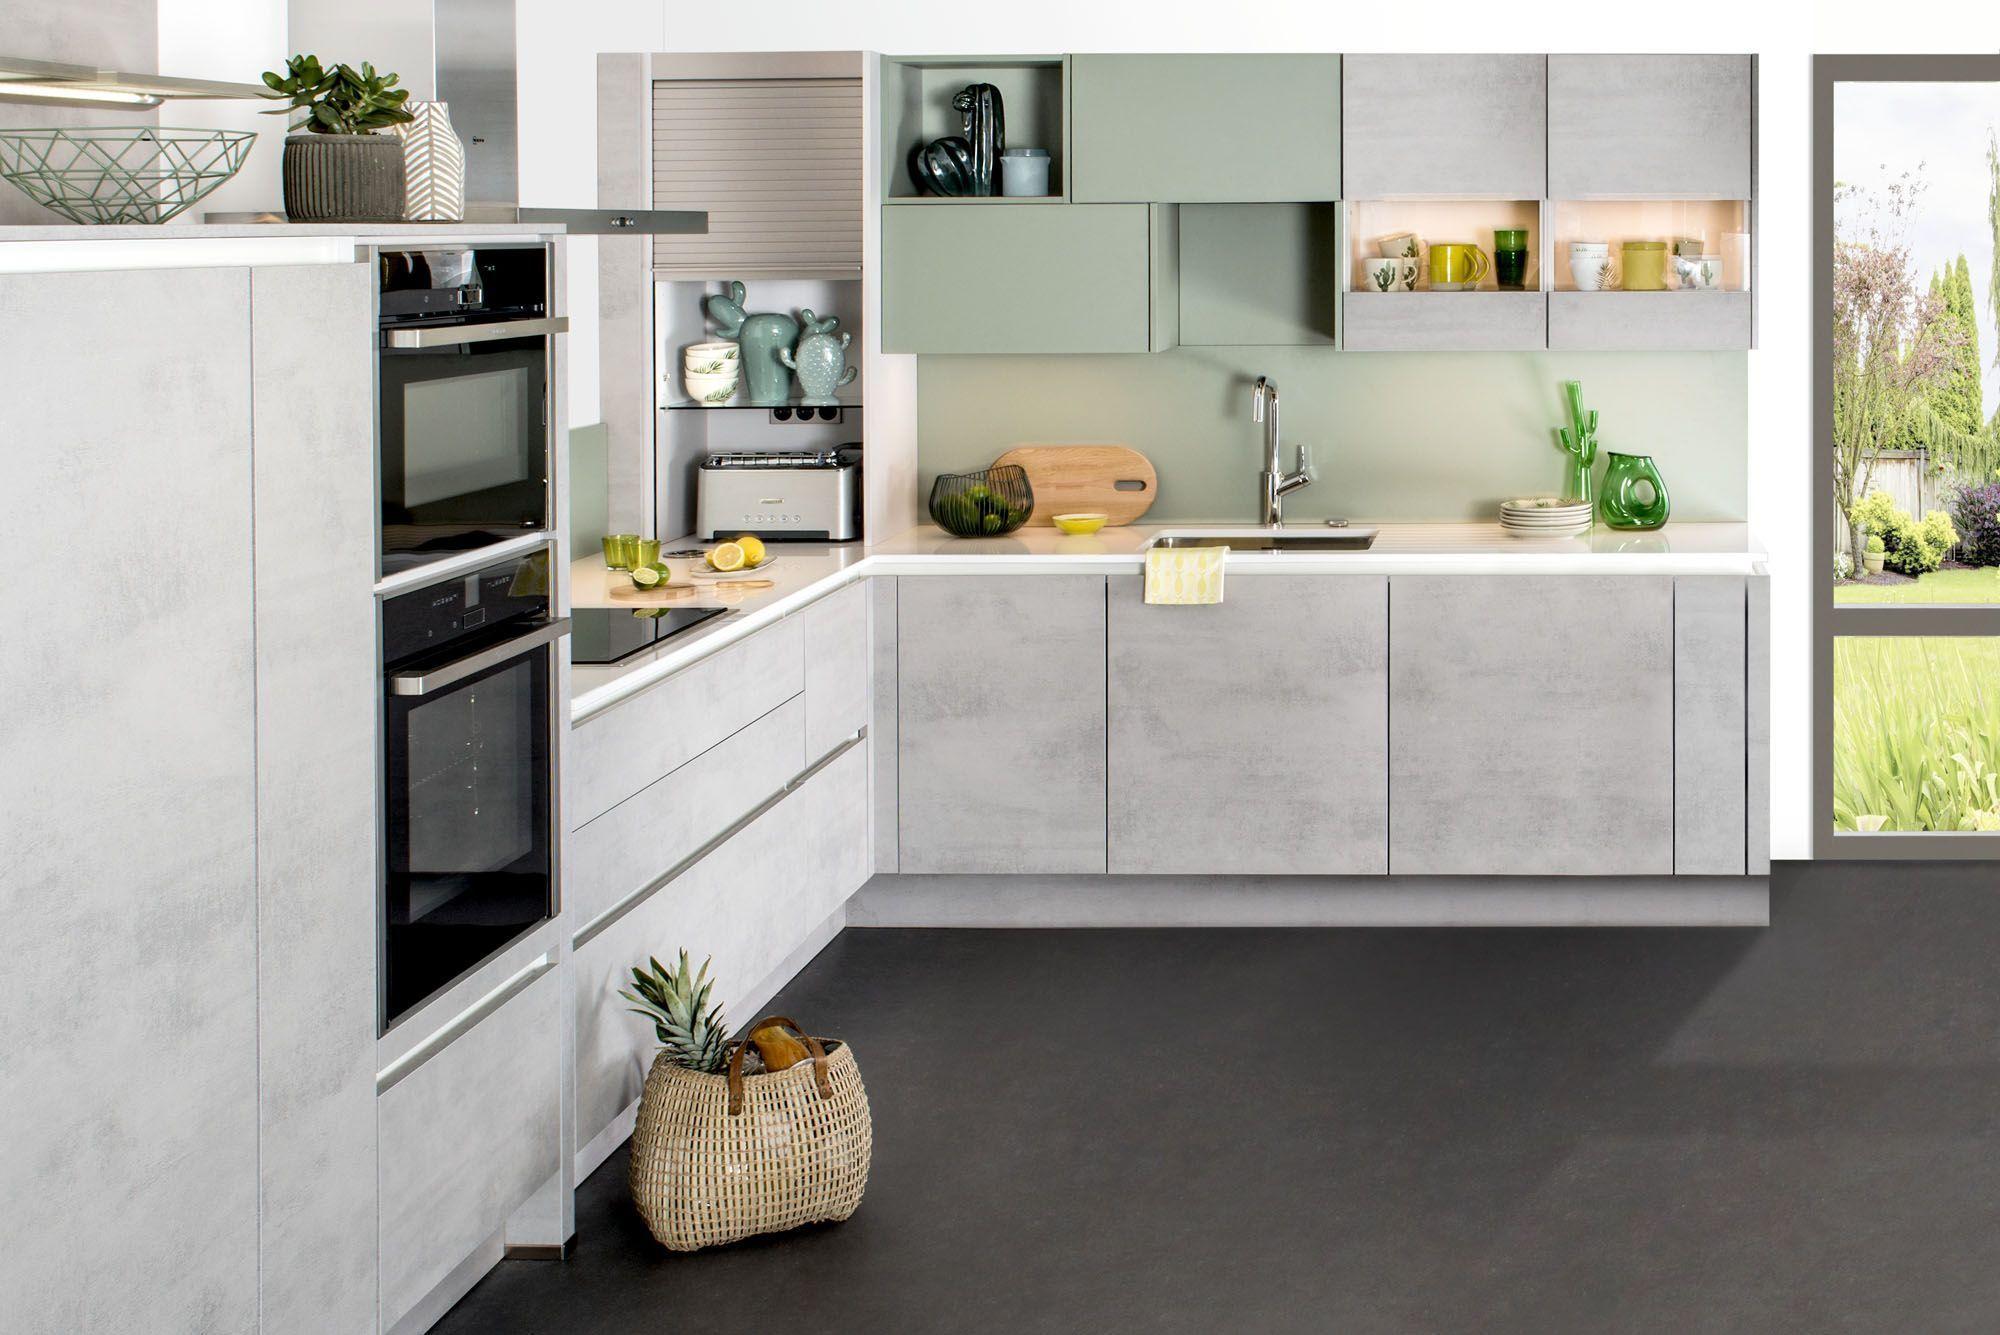 Darty Cuisine Sur Mesure aménager petite cuisine : astuces pour gagner de la place